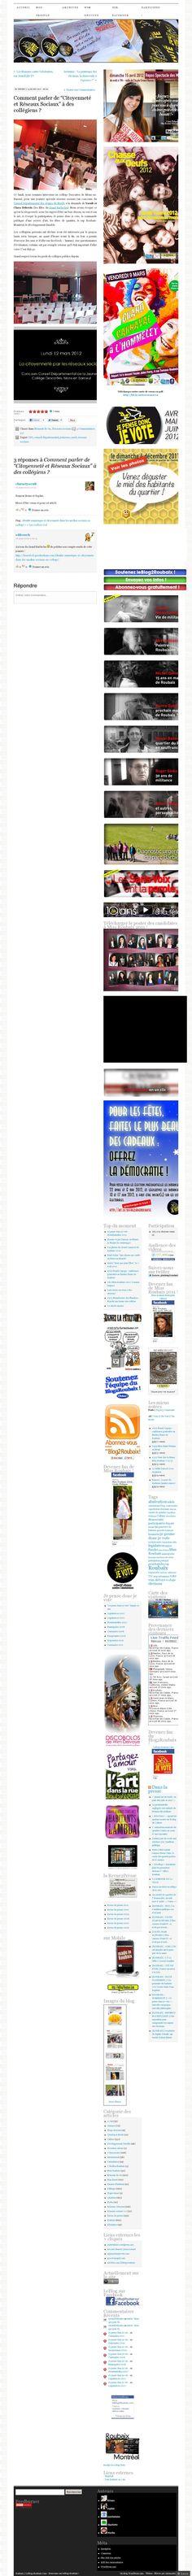 Le retour du Blog de Roubaix de sur son intervention  http://leblog2roubaix.com/2012/03/13/comment-parler-de-citoyennete-et-reseaux-sociaux-a-des-collegiens/